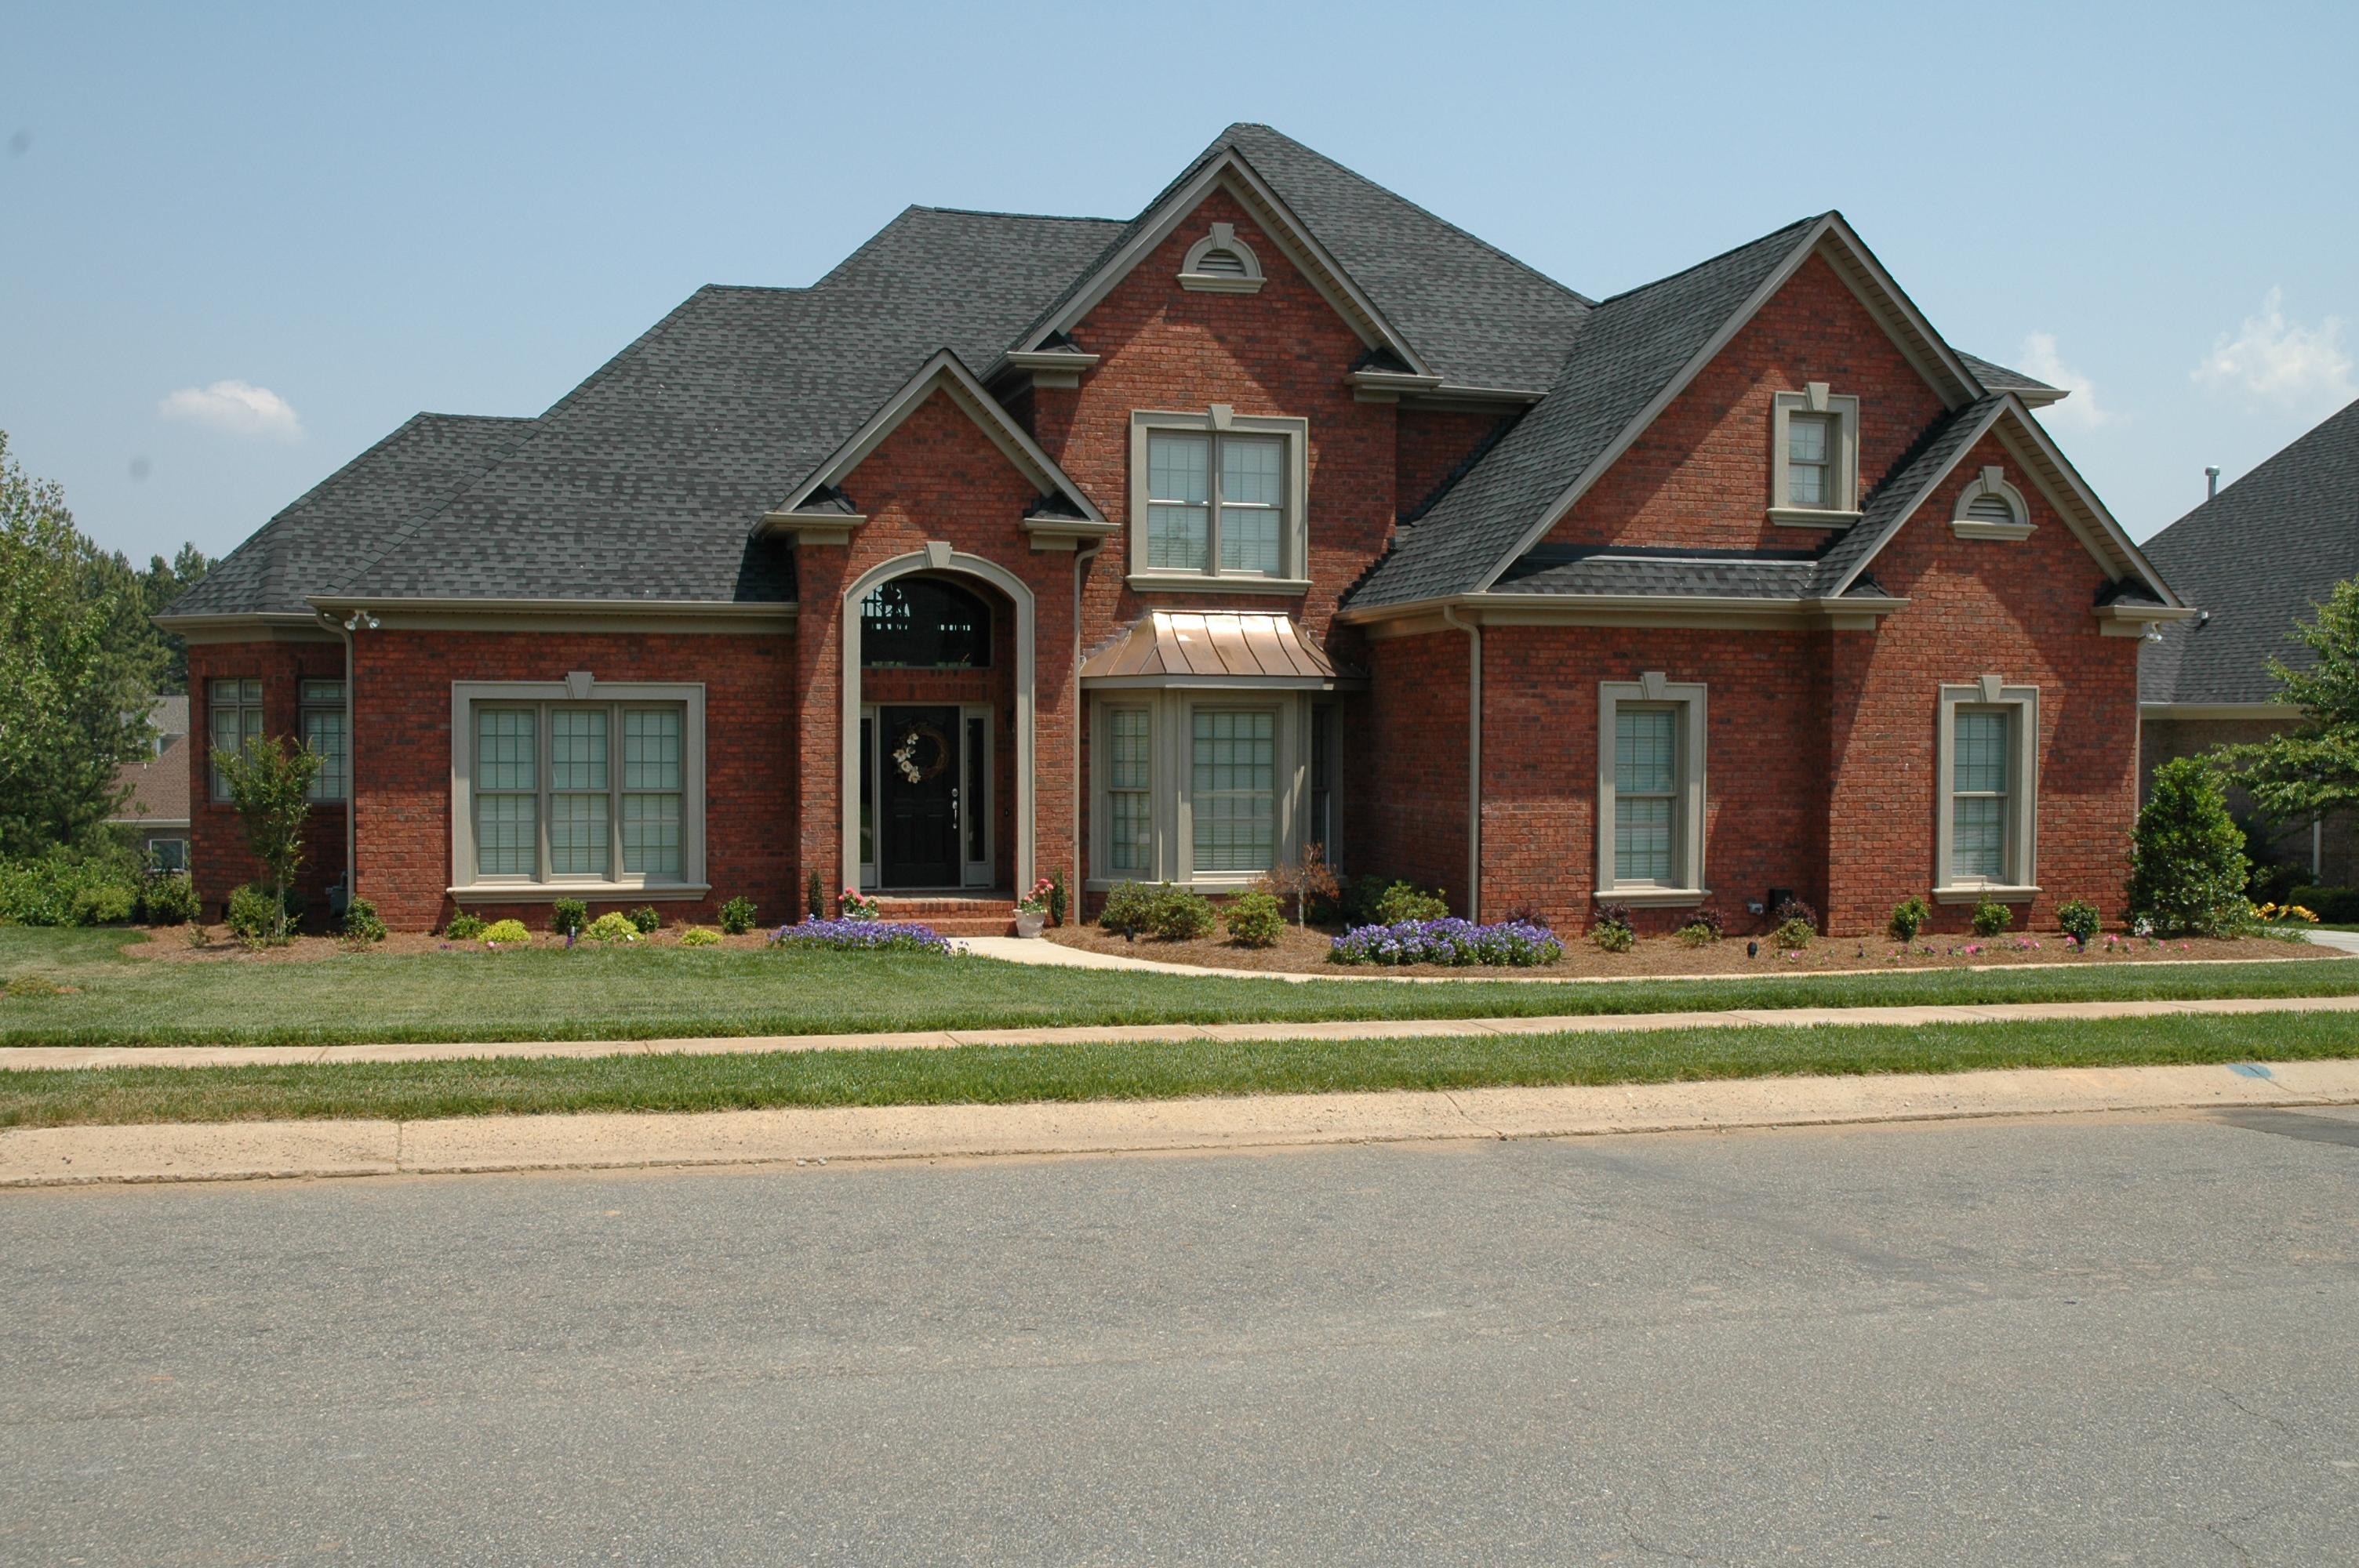 Lot 80 Verdict Ridge Williams Custom Homes